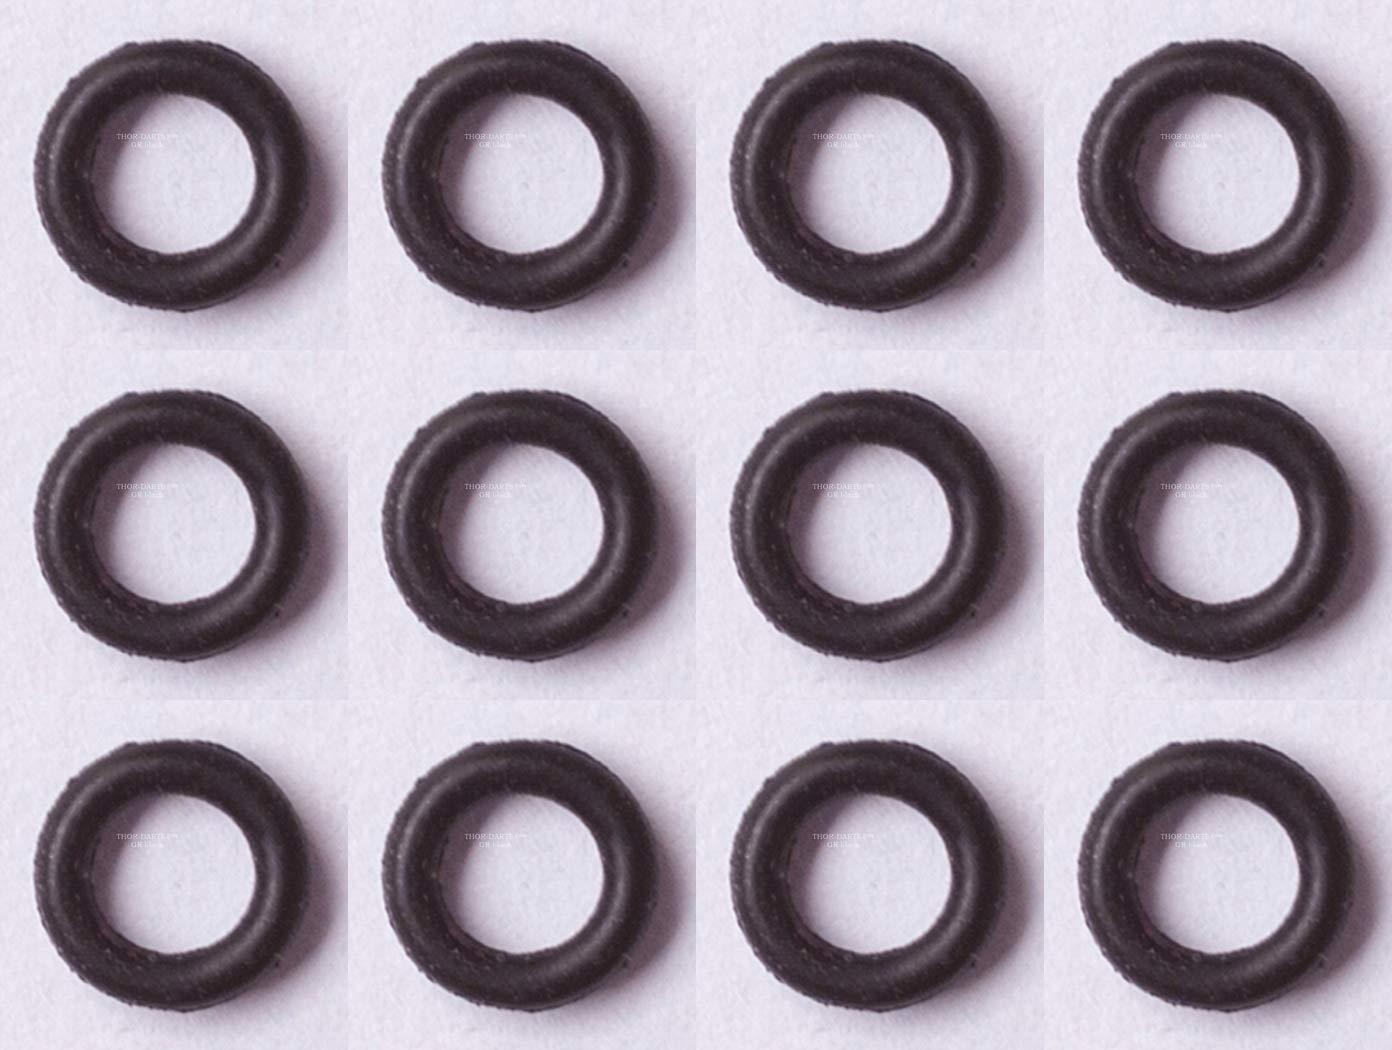 THOR-DARTS Gummiringe schwarz im Beutel Beutel Beutel Tütchen, verhindern zuverlässig das Lösen des (Alu)-Dart-Schaftes BZW. der eingeschraubten Spitze vom Barrel, passend für alle 2BA-Gewinde B07BFS5M5F Dartpfeil-Schfte Neues Produkt b256eb